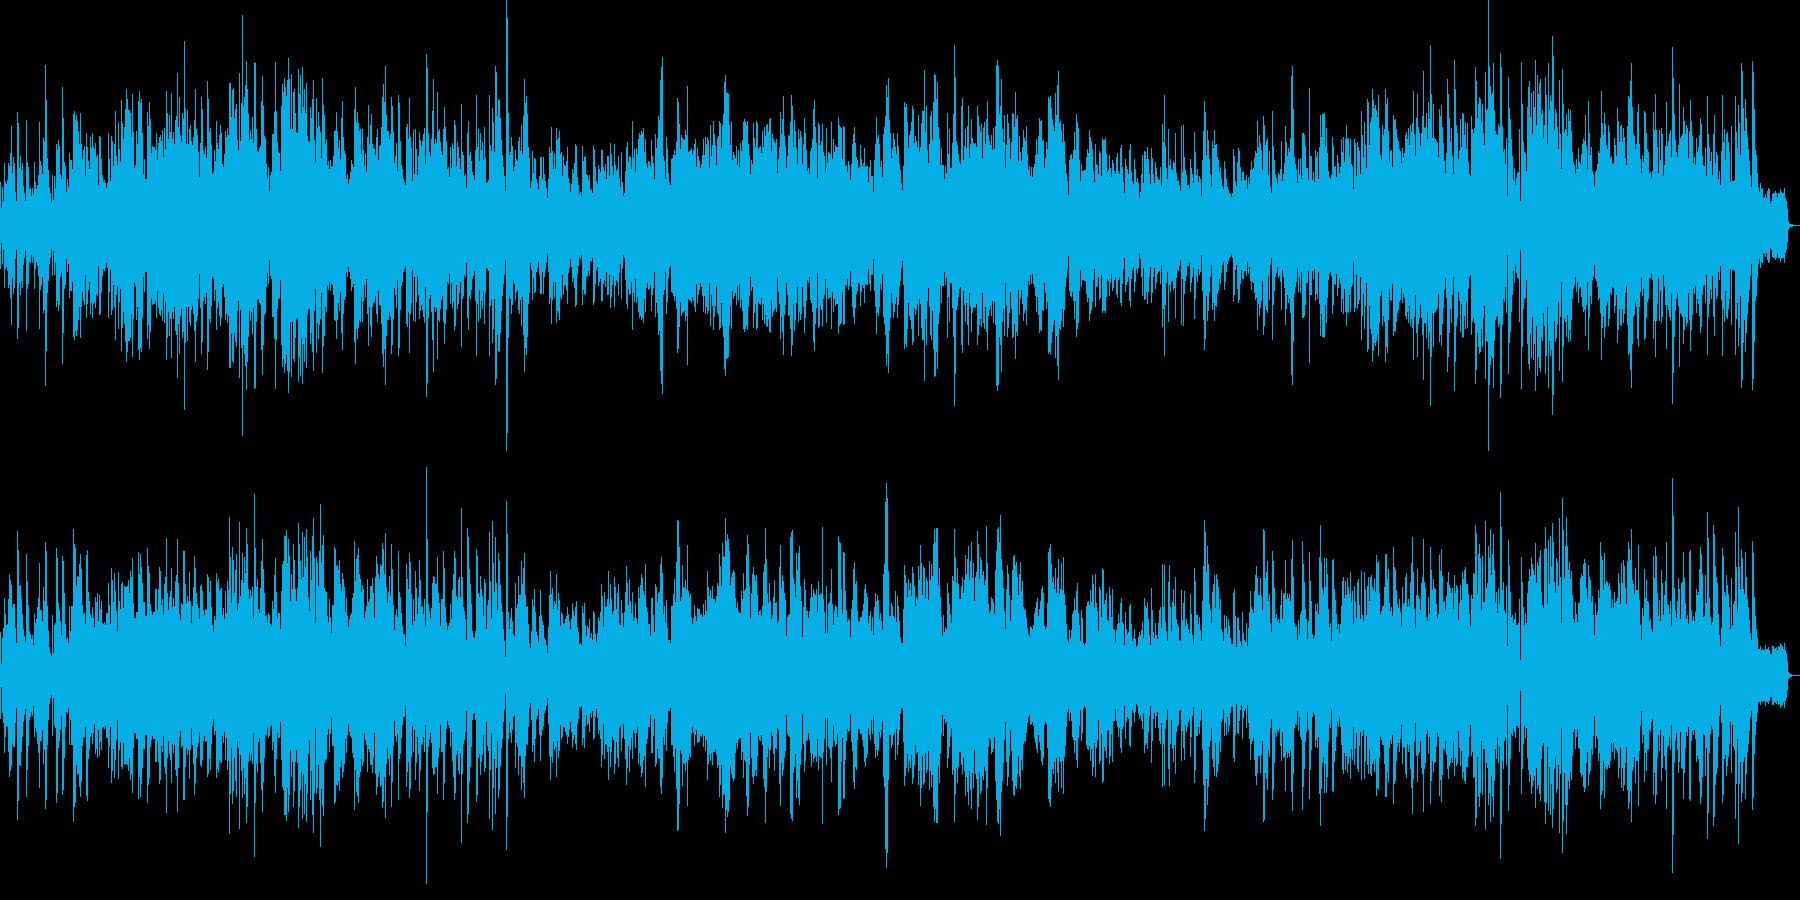 ジャズバラードピアノ・コンバス映像ドラマの再生済みの波形